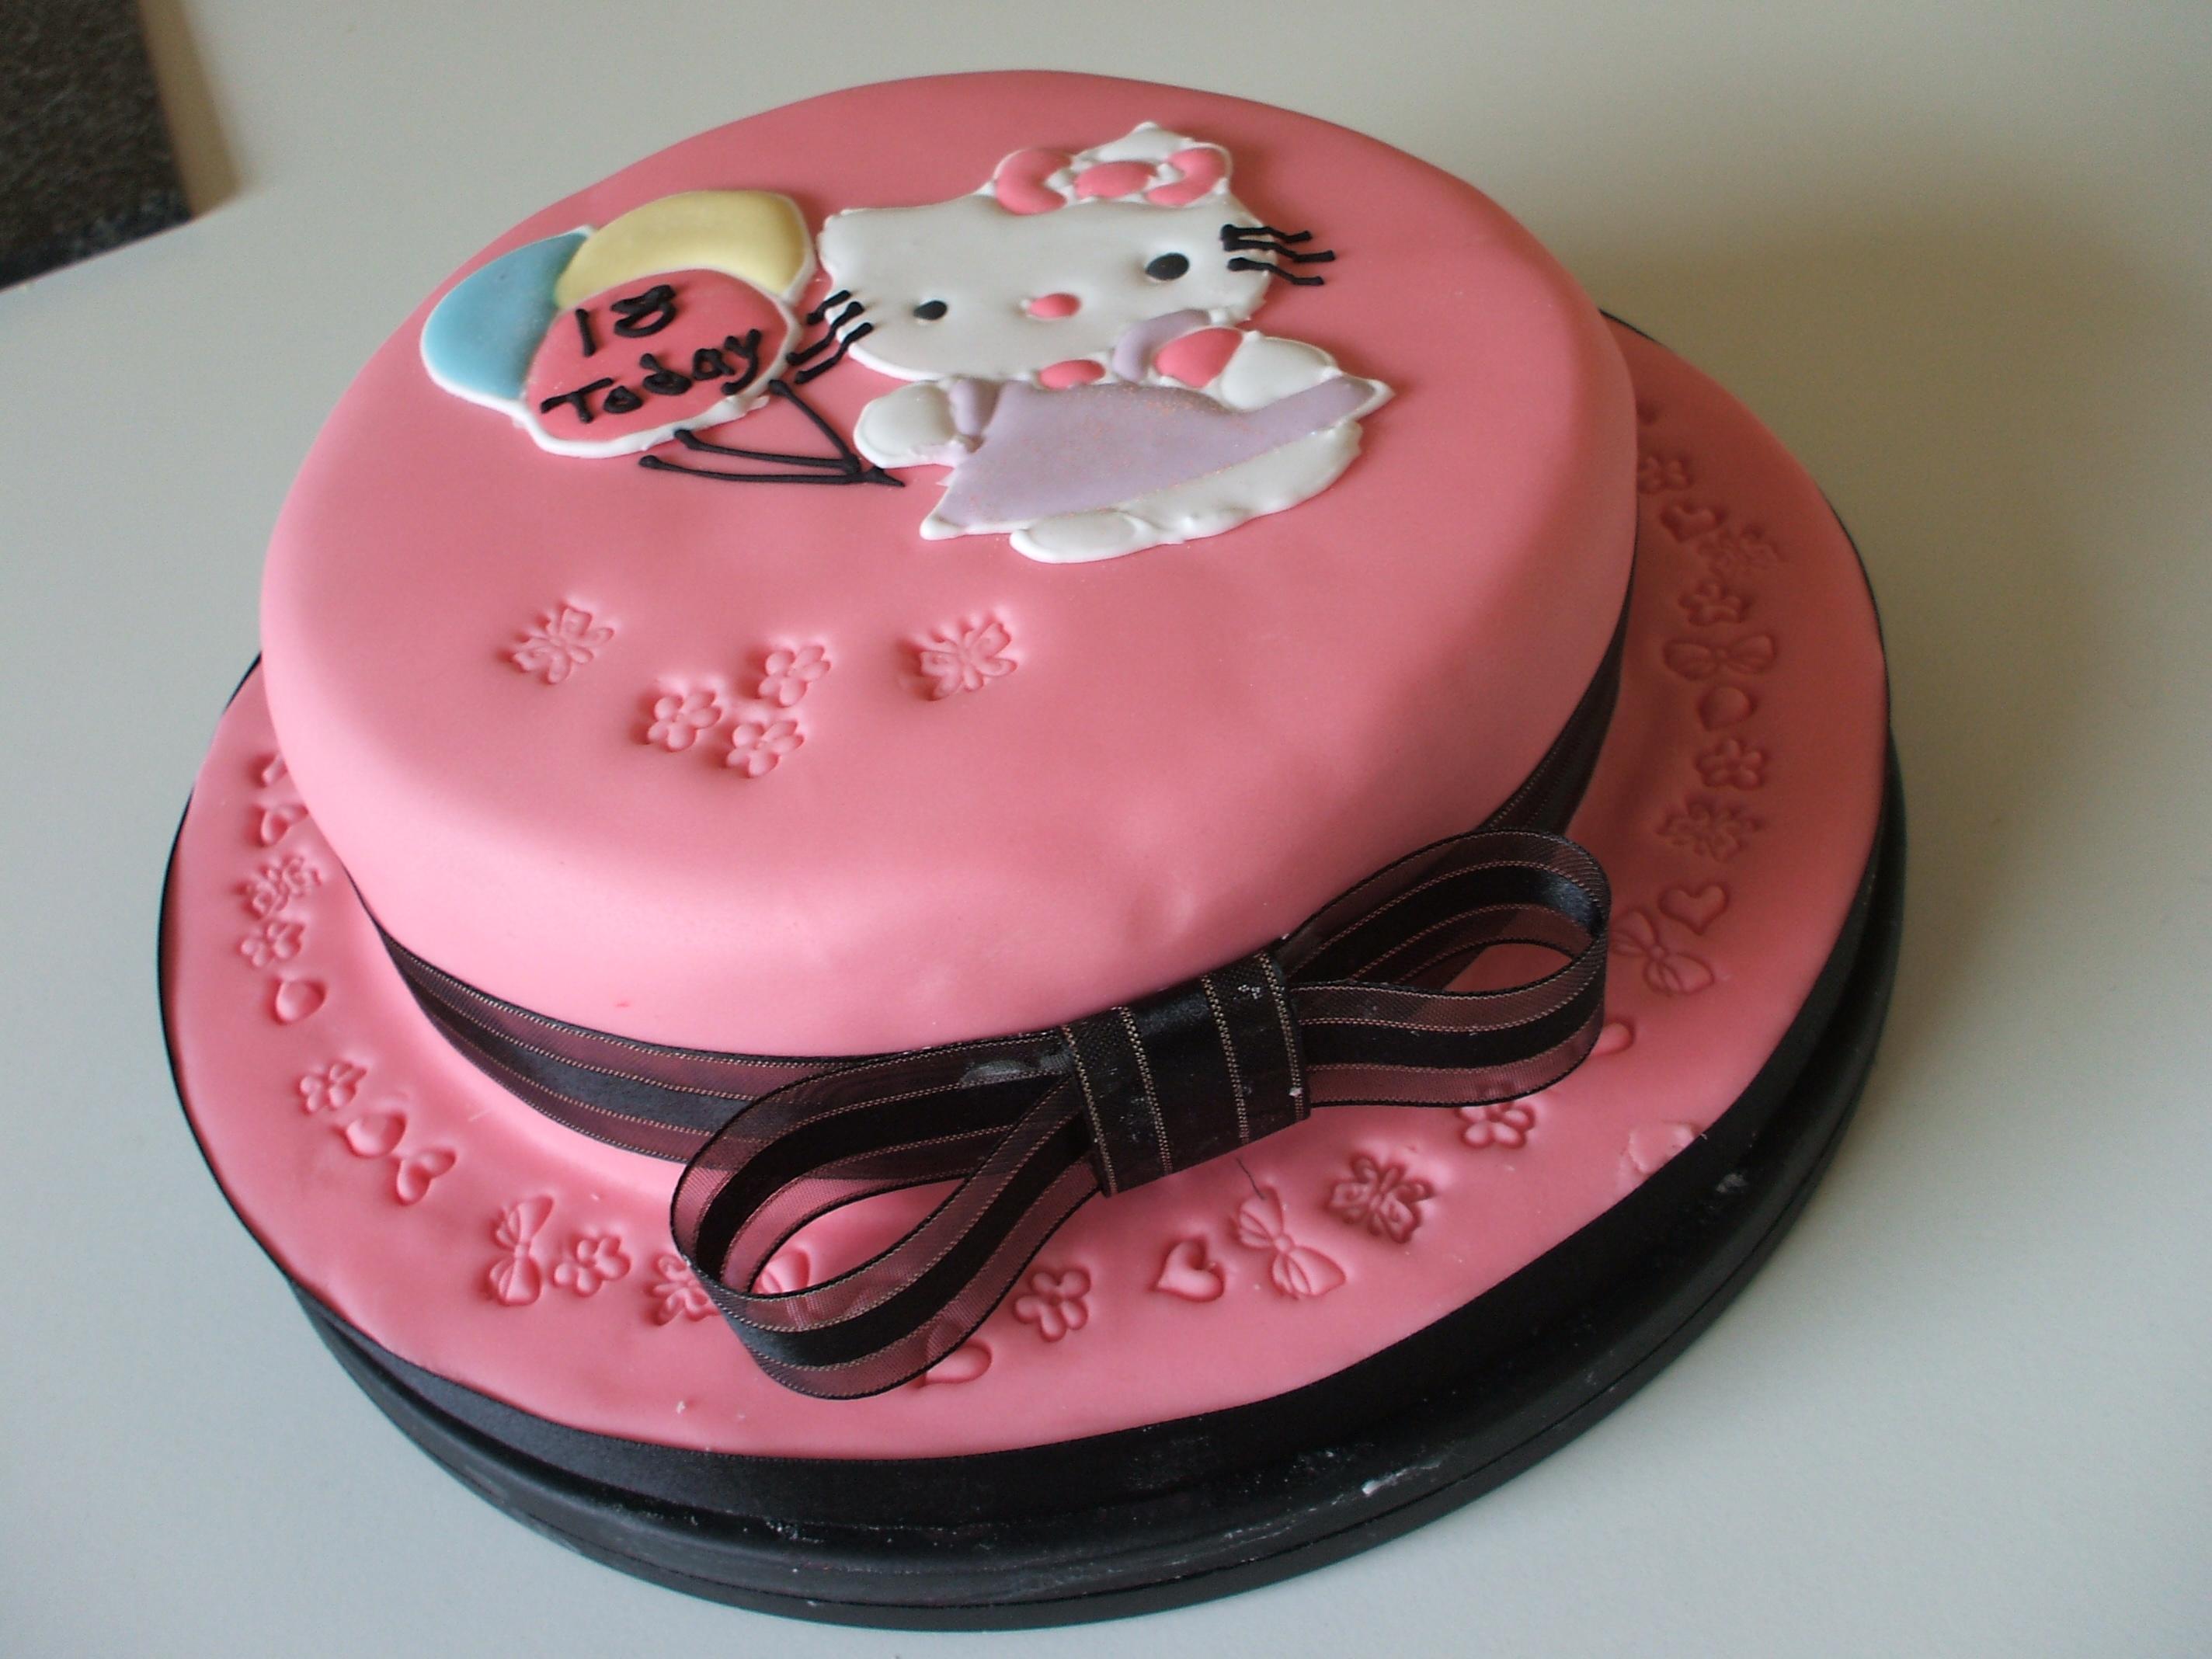 Stunning Hello Kitty Cake 2848 x 2136 · 1405 kB · jpeg